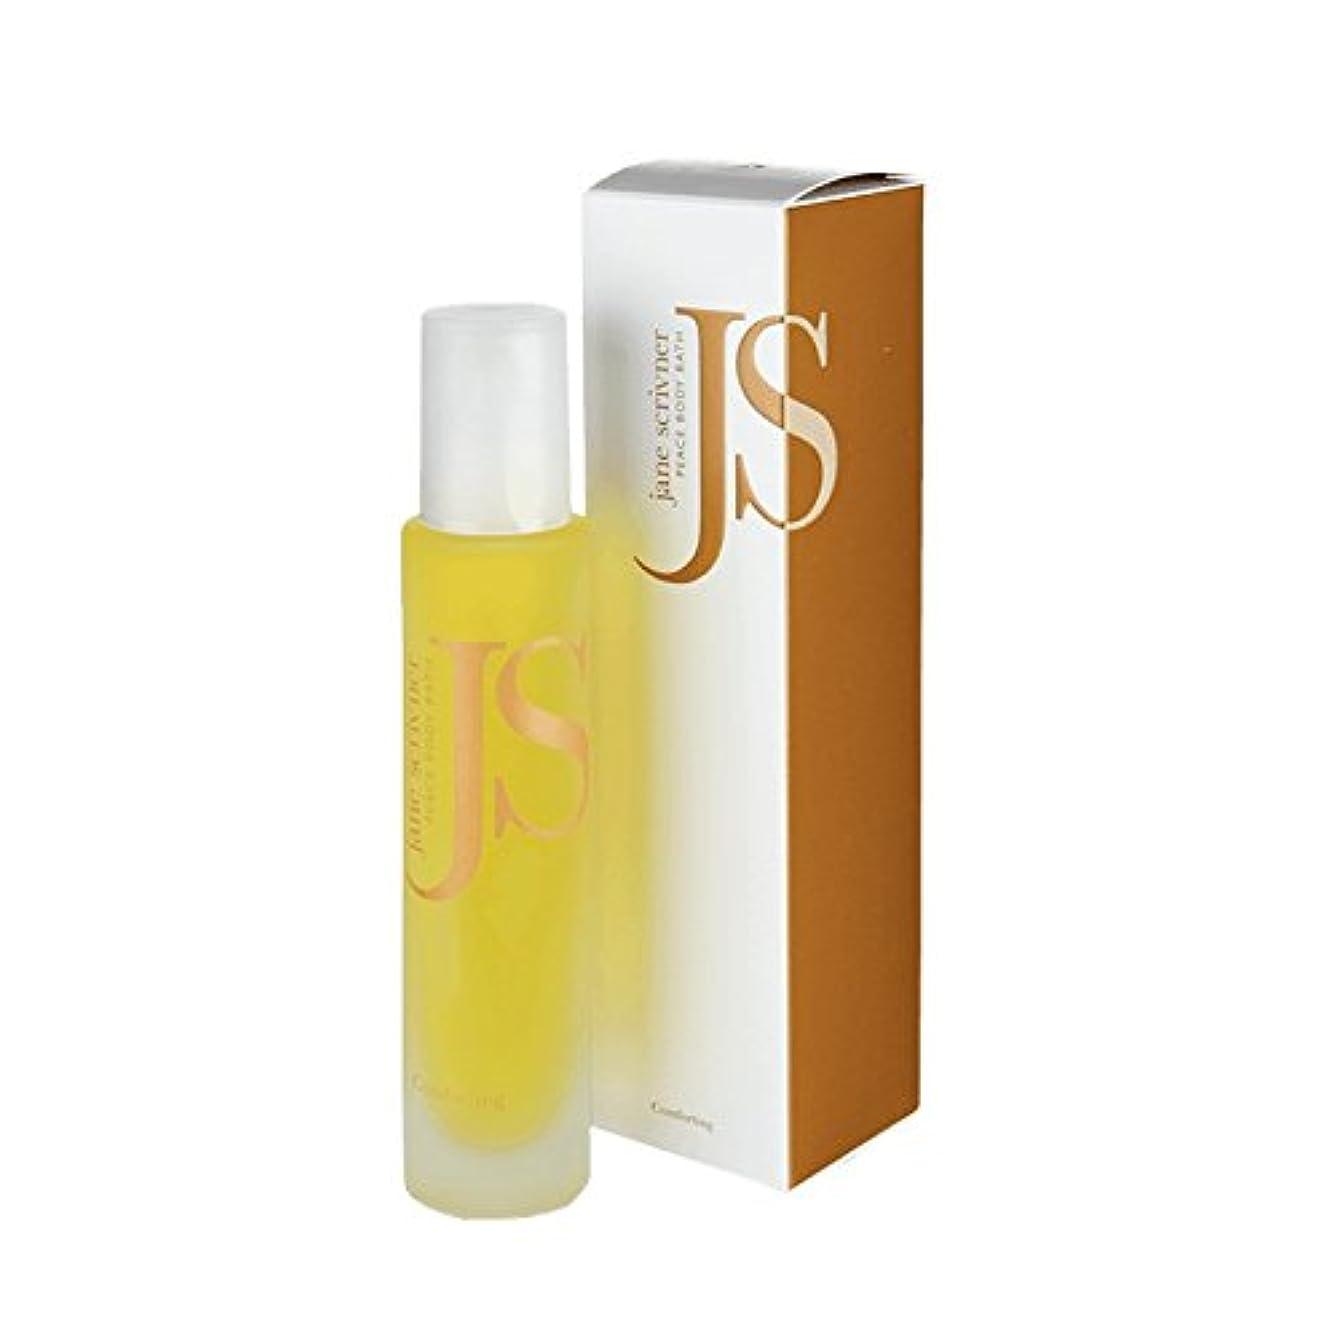 憲法突然子犬Jane Scrivner Body Bath Oil Peace 100ml (Pack of 2) - ジェーンScrivnerボディバスオイル平和100ミリリットル (x2) [並行輸入品]